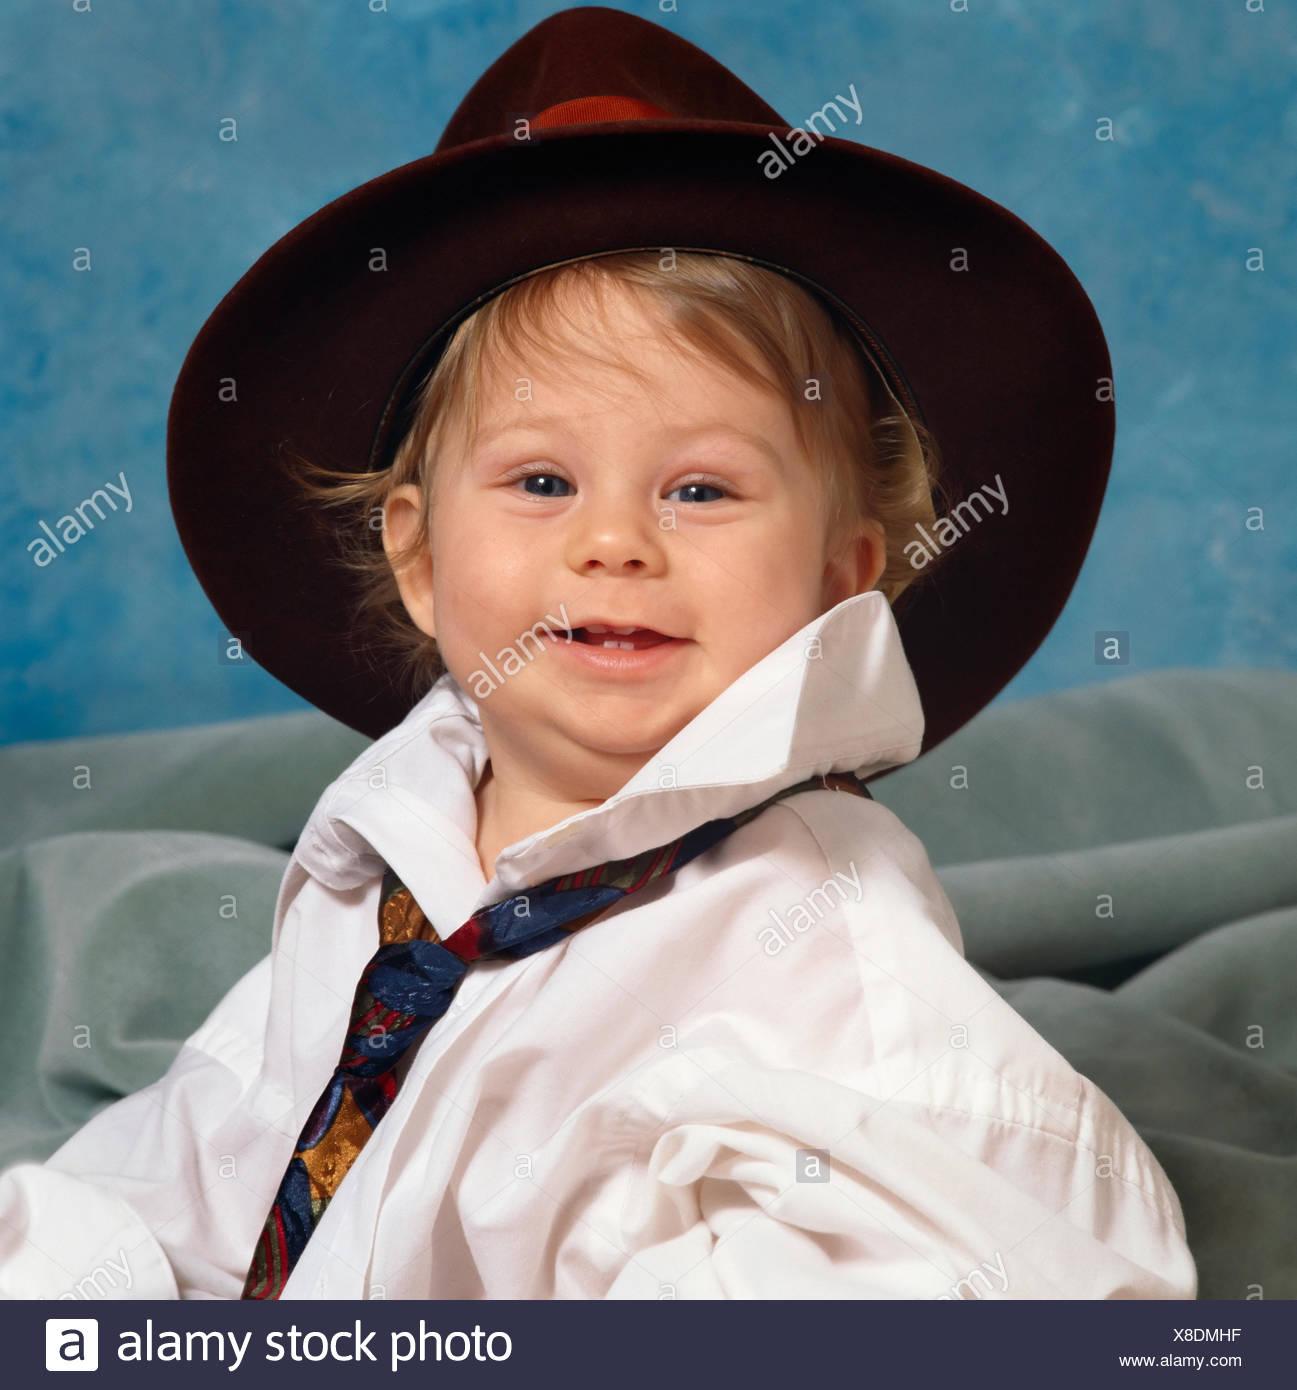 febdf350bdd4 Baby Boy In Huge Shirt Stock Photos   Baby Boy In Huge Shirt Stock ...